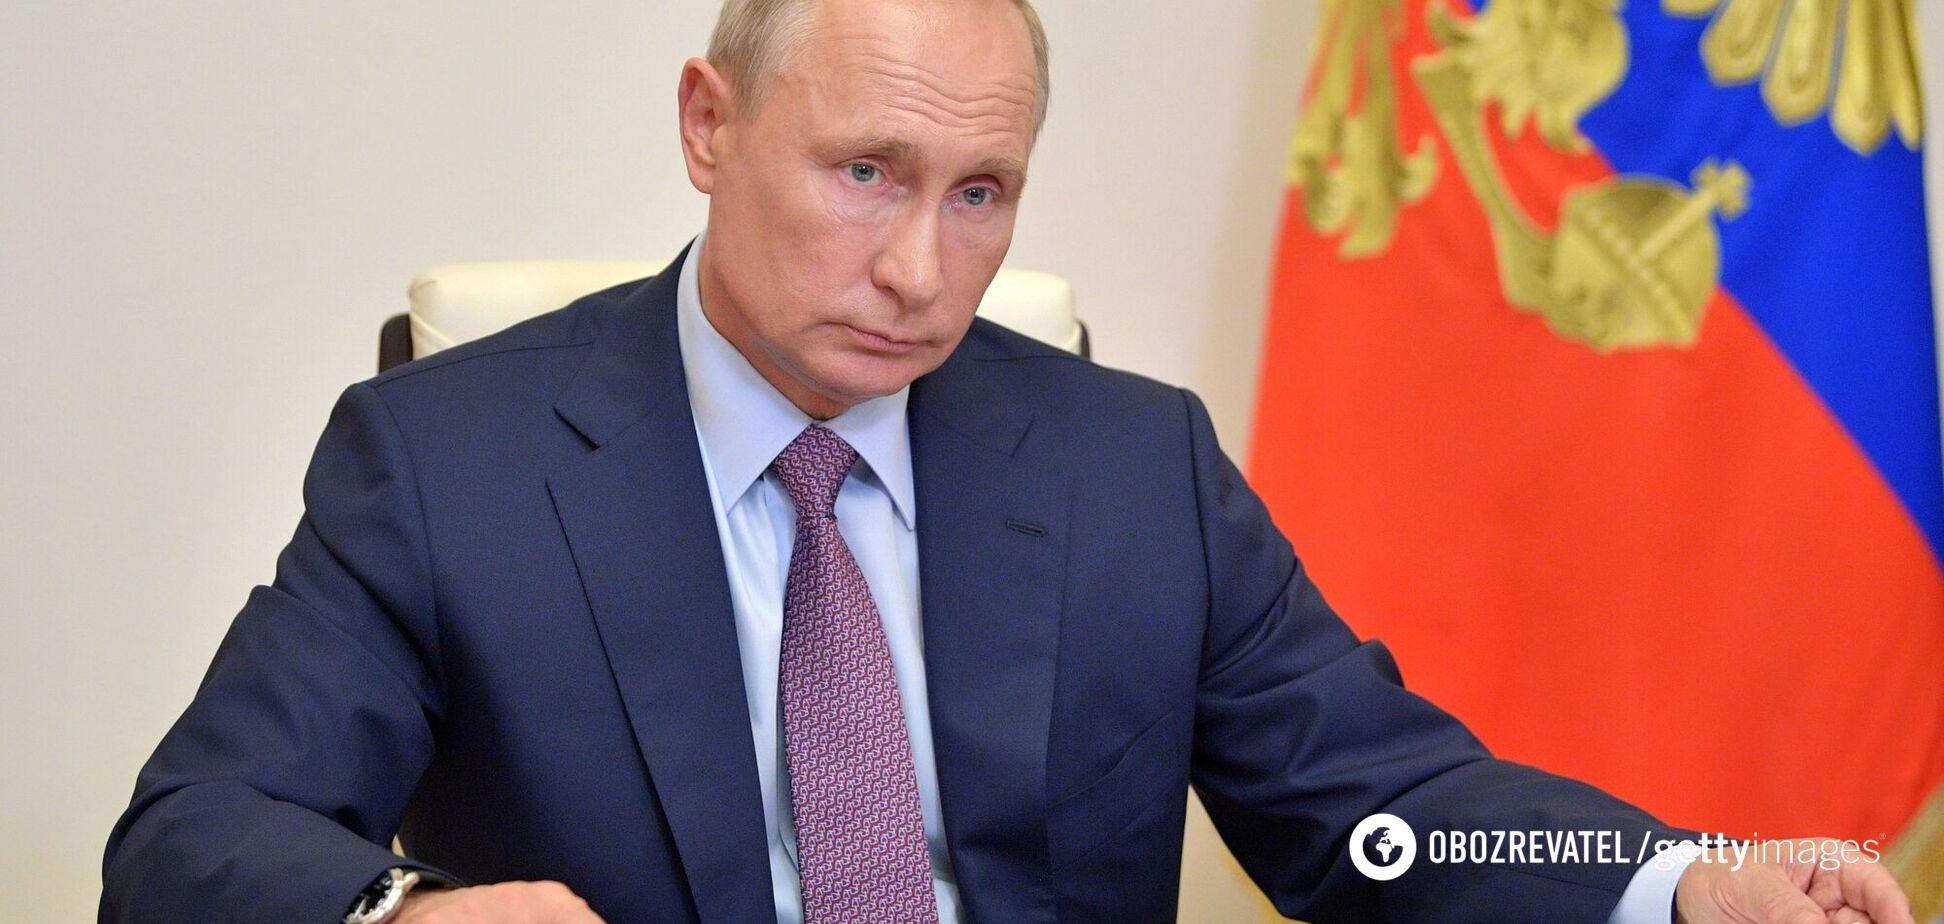 Путін спіткнувся об Україну. Це найбільша помилка Москви в ХХІ столітті